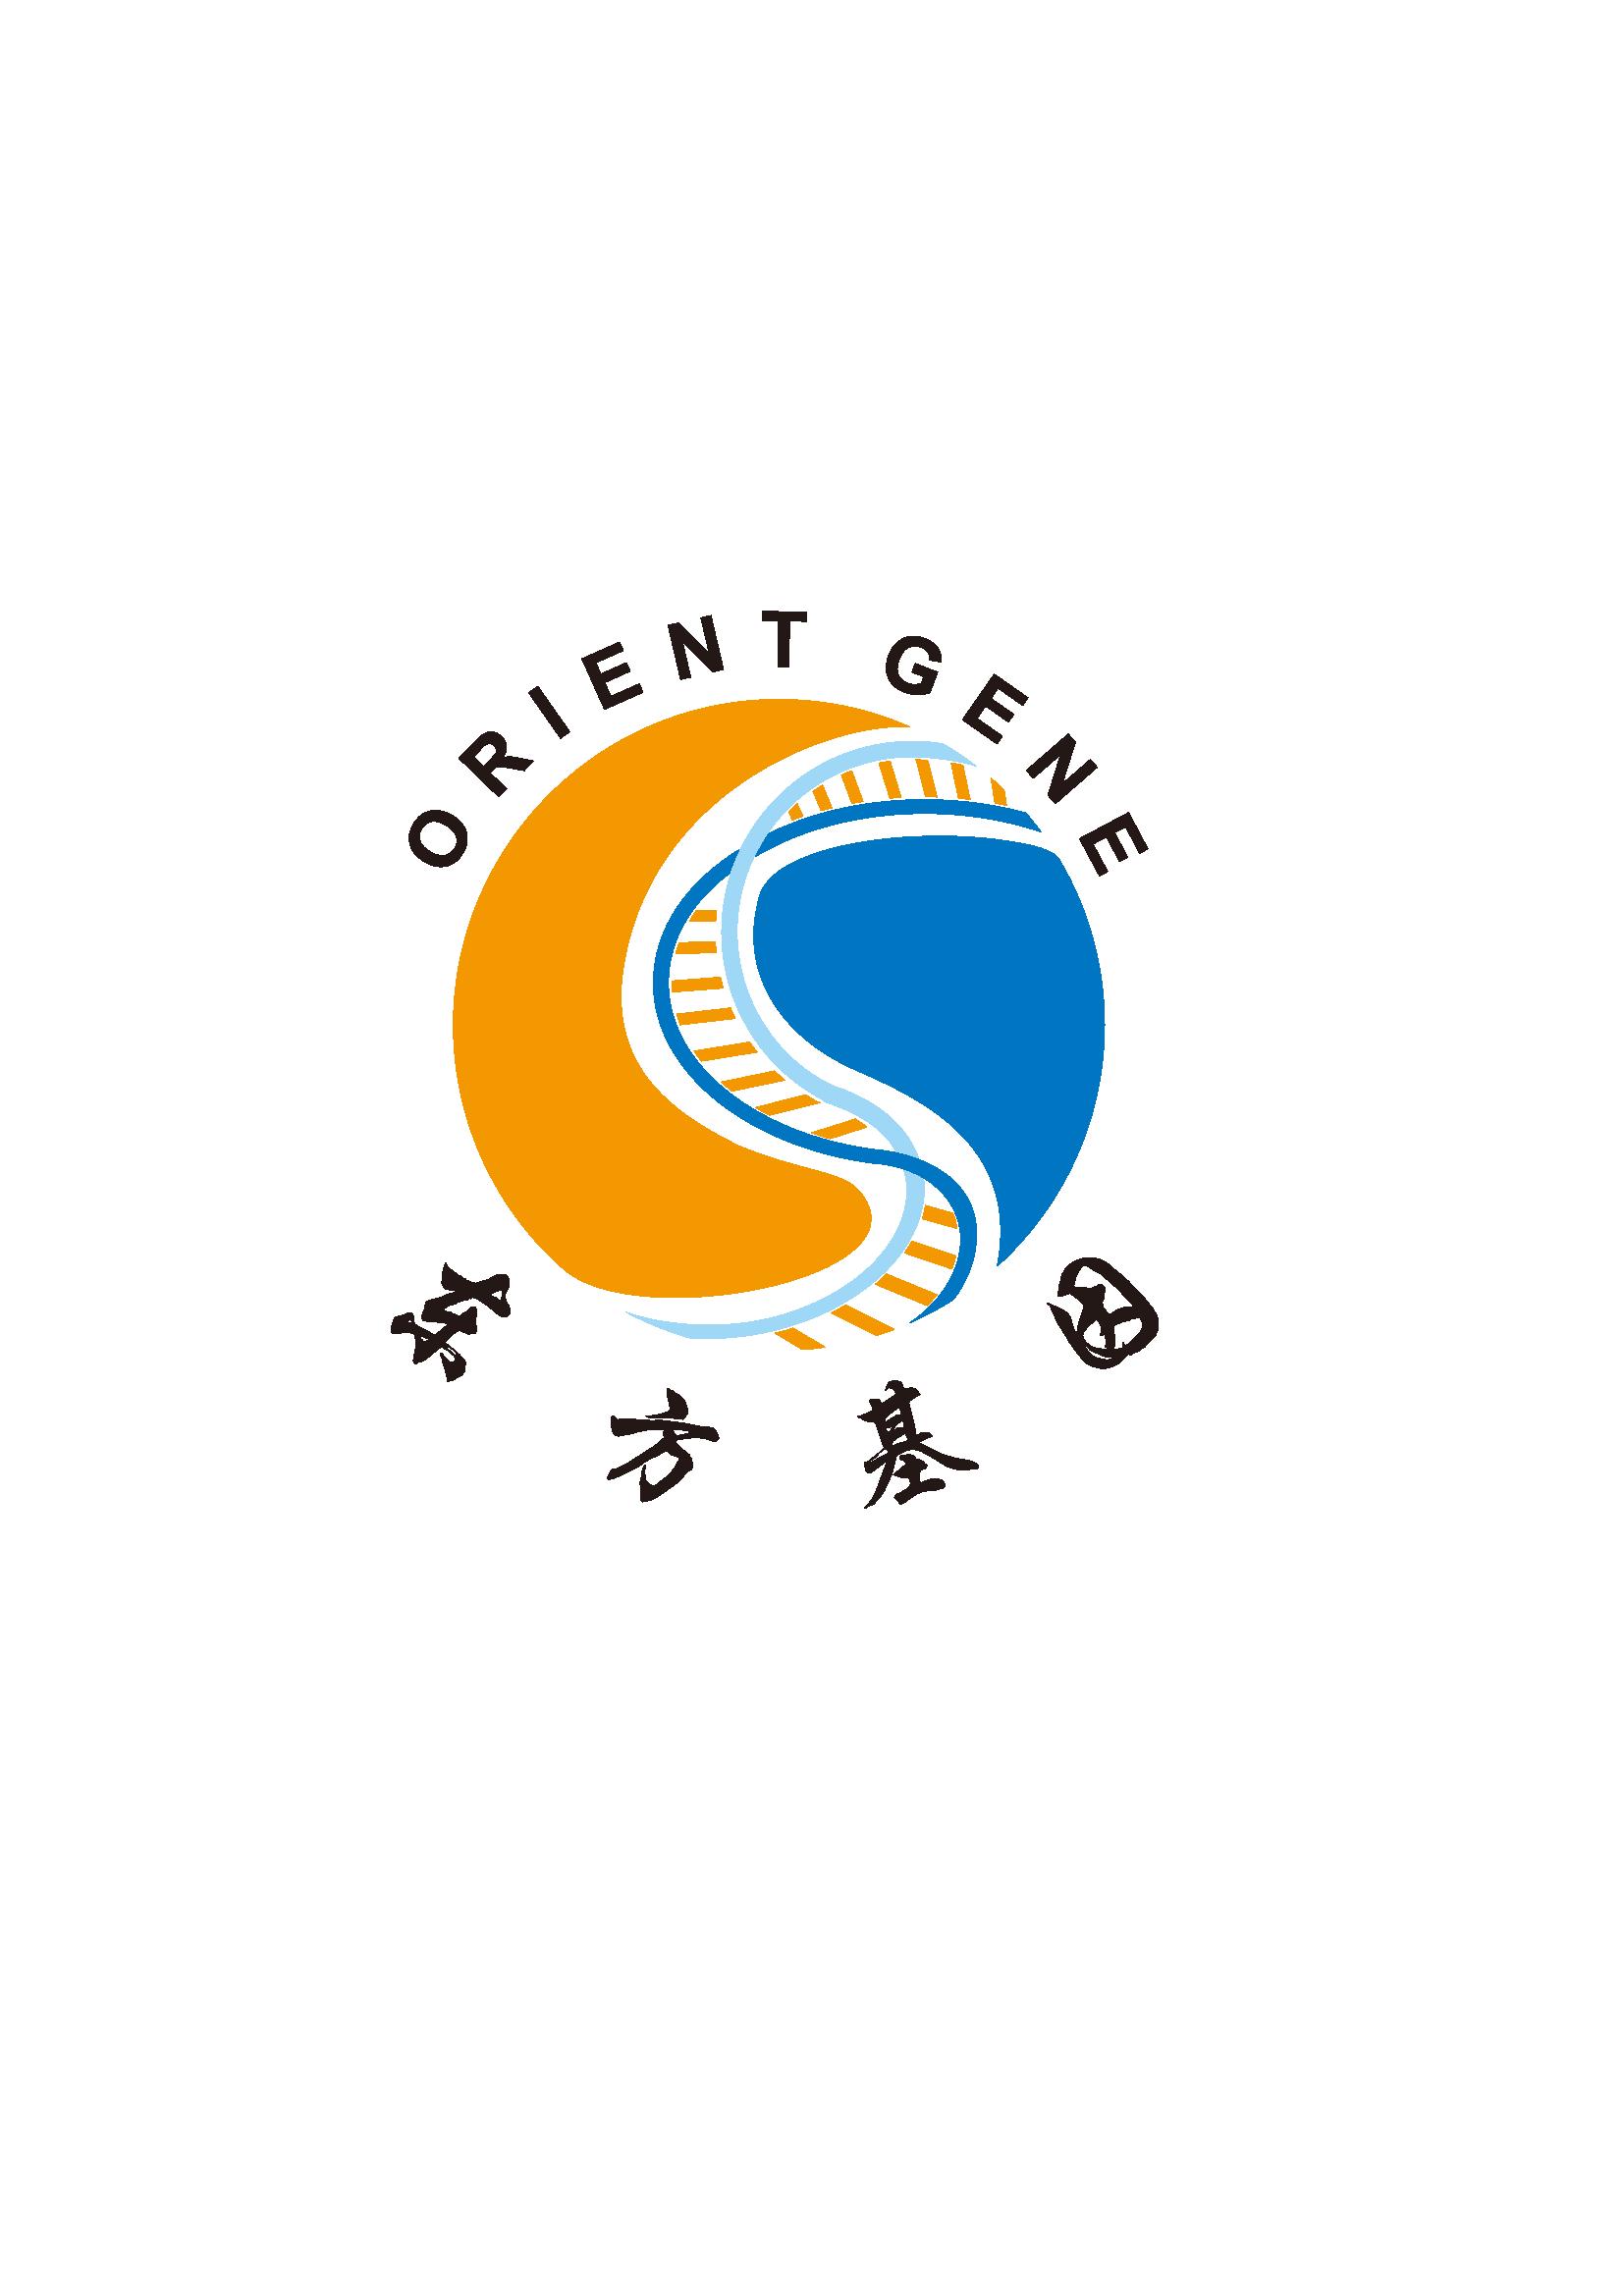 ZHEJIANG ORIENT GENE BIOTECH CO.LTD